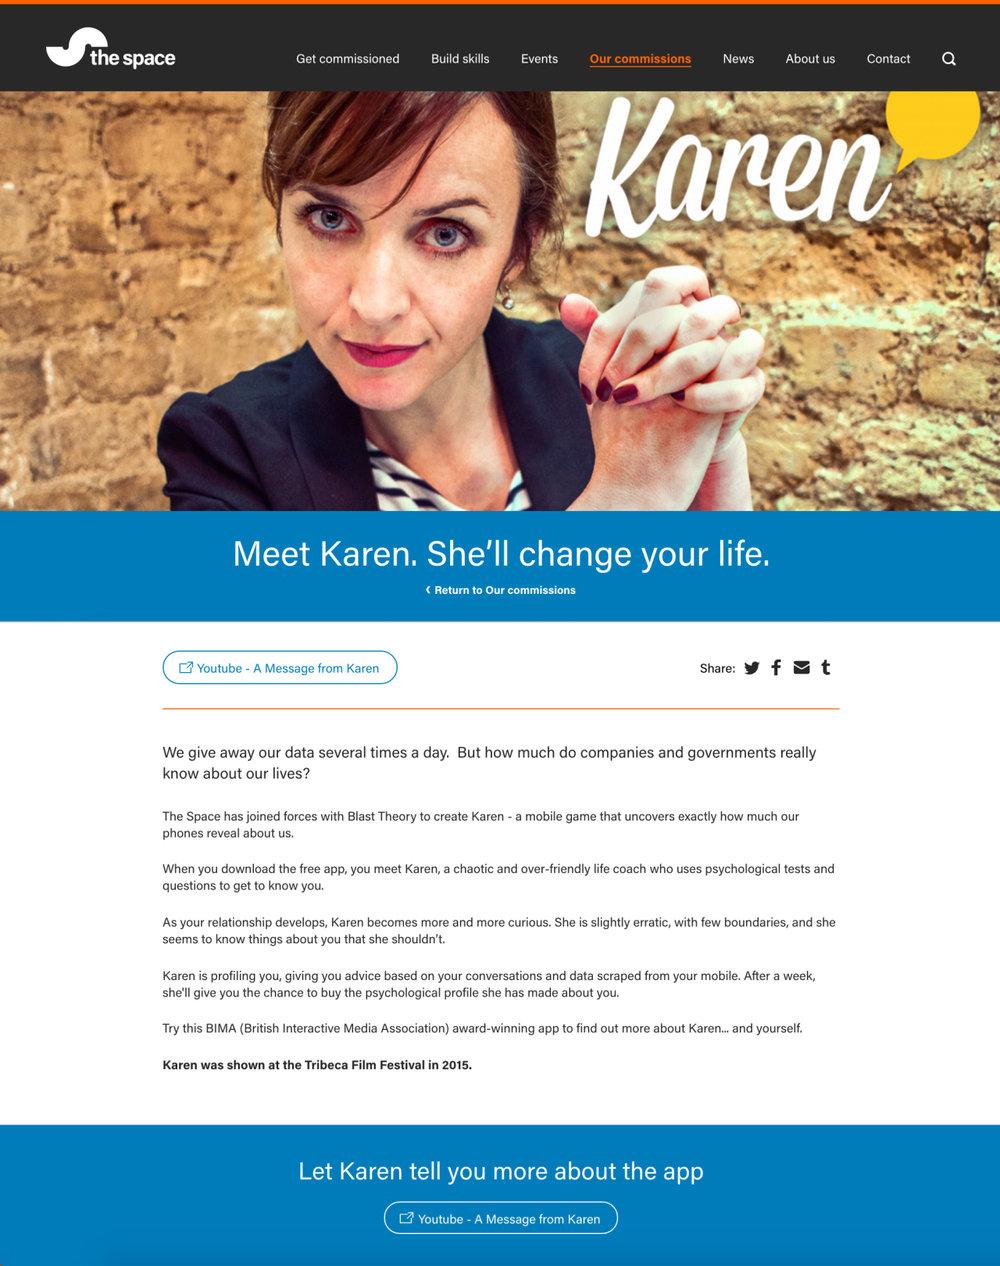 karen-for-portfolio.jpg